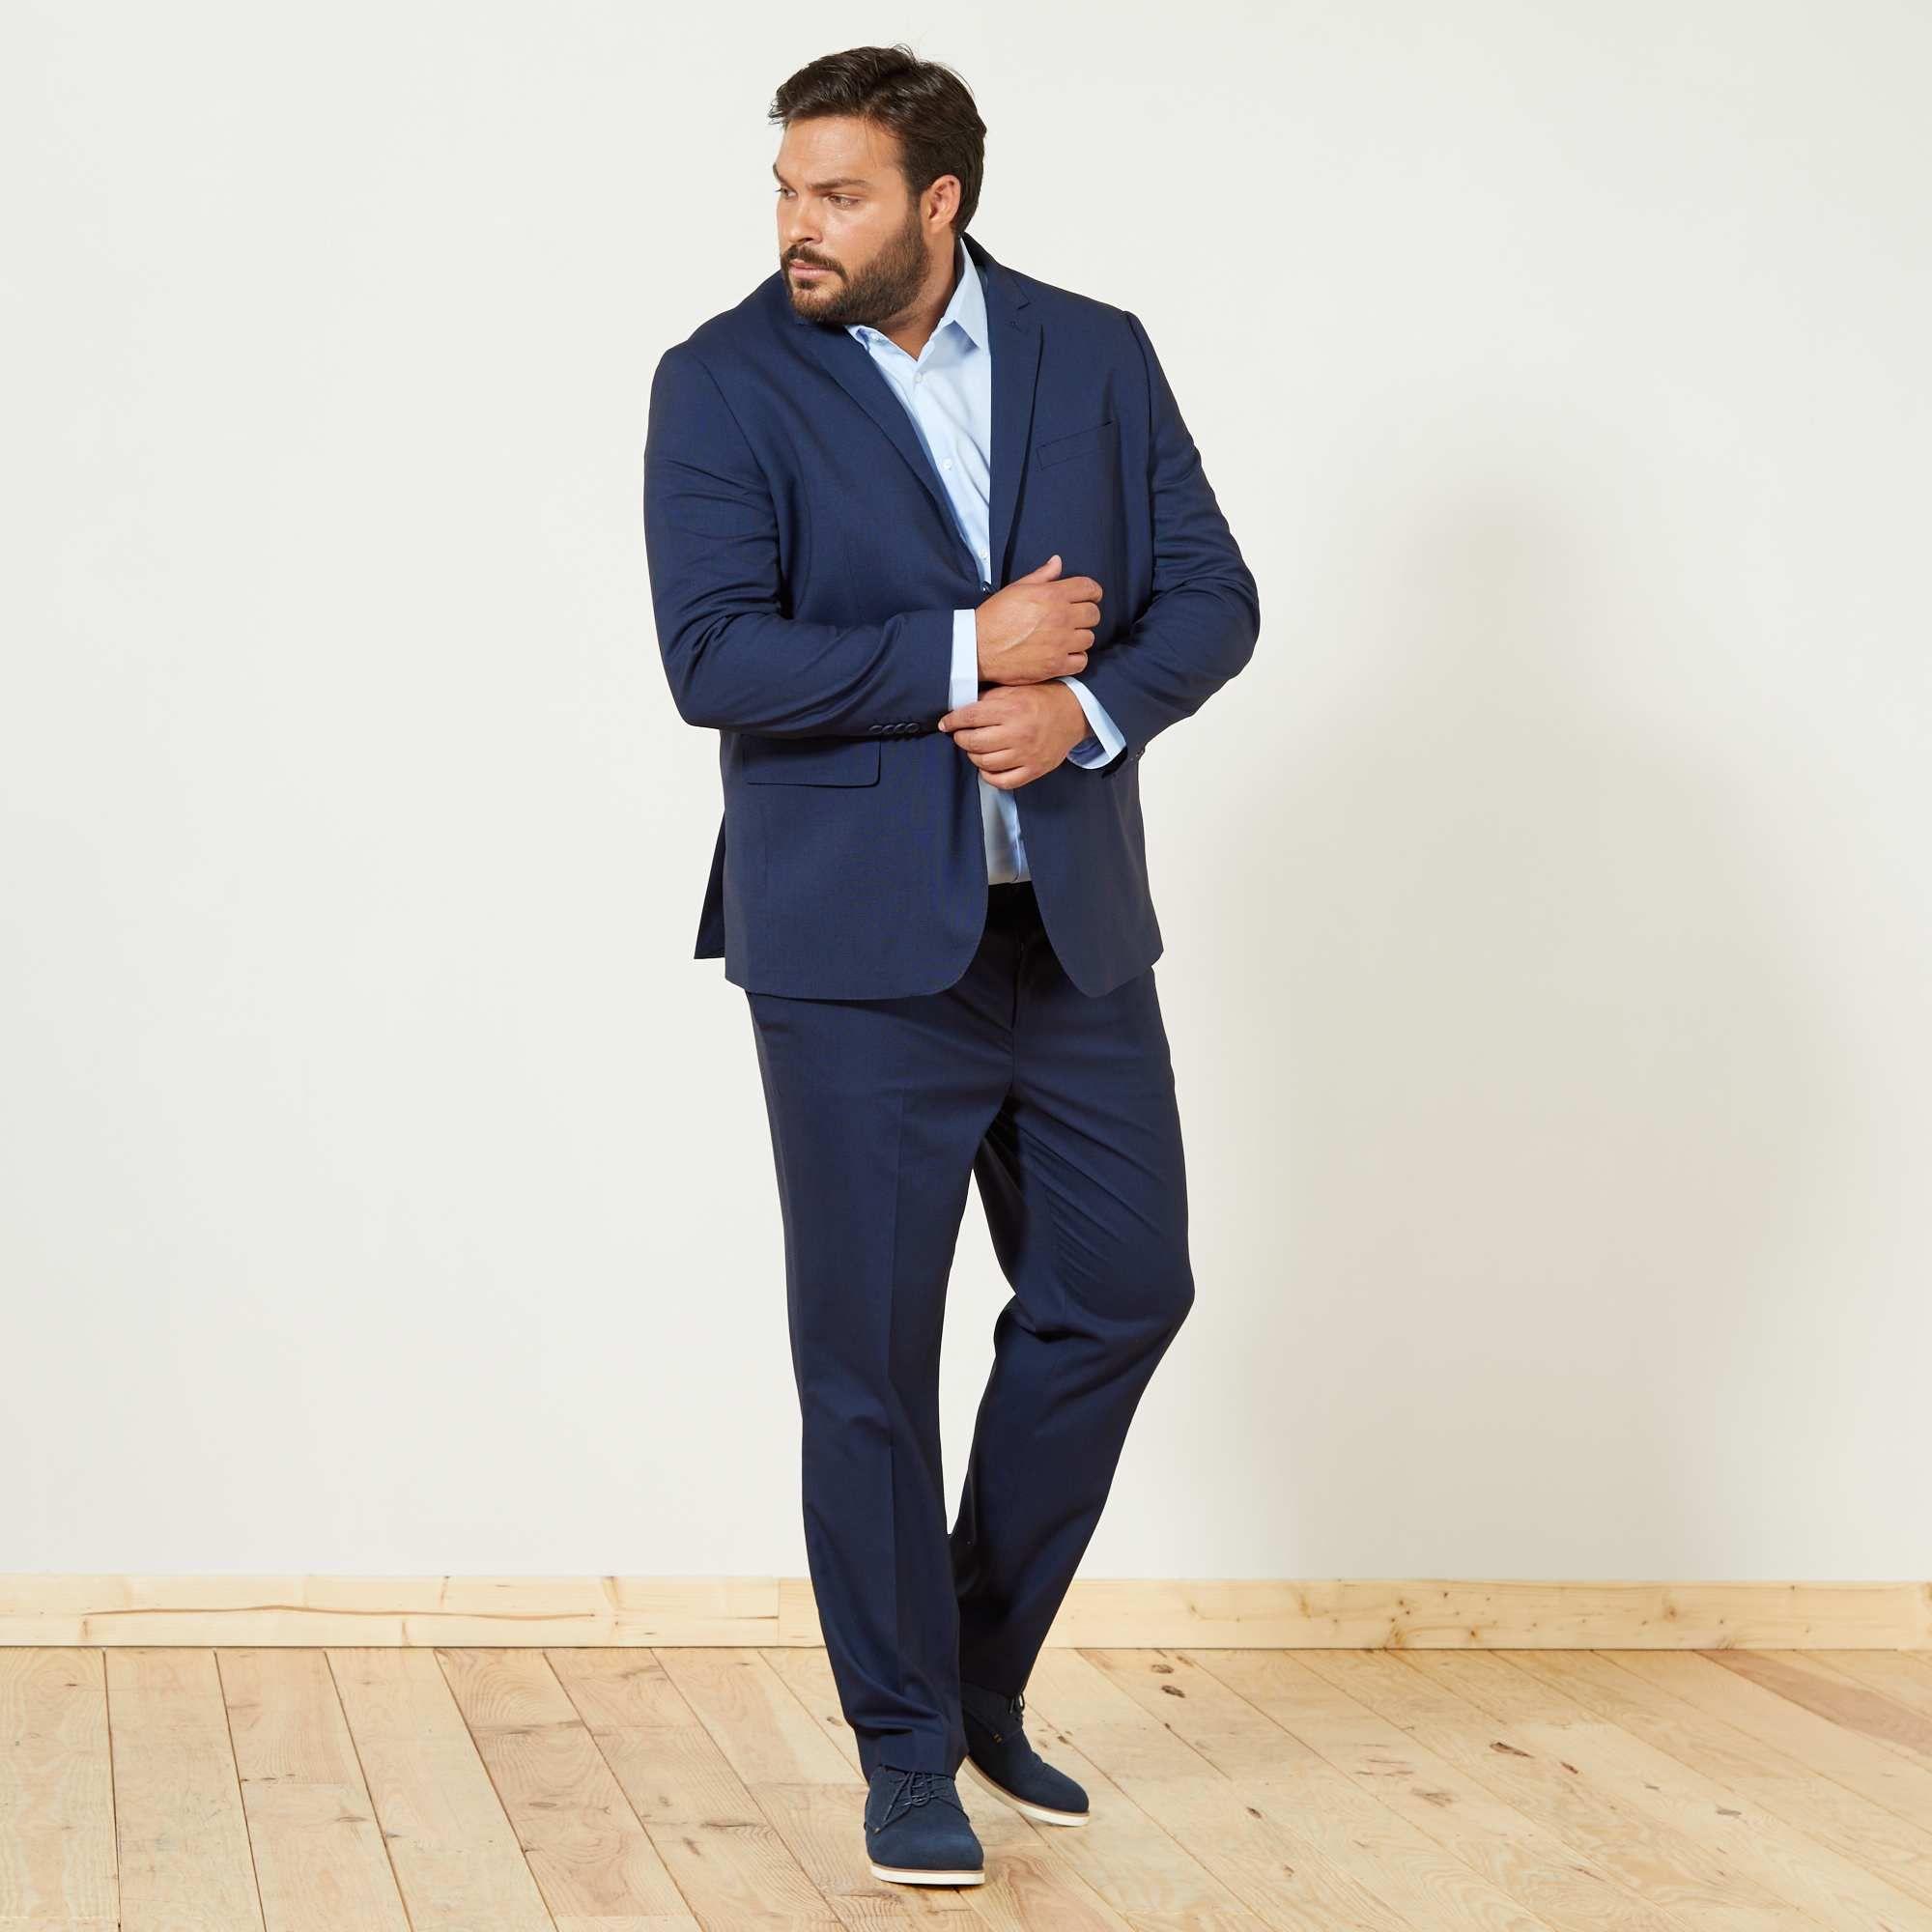 dc8209be26c3 Pantaloni abito caviale regular Taglie forti uomo - BLU - Kiabi - 35